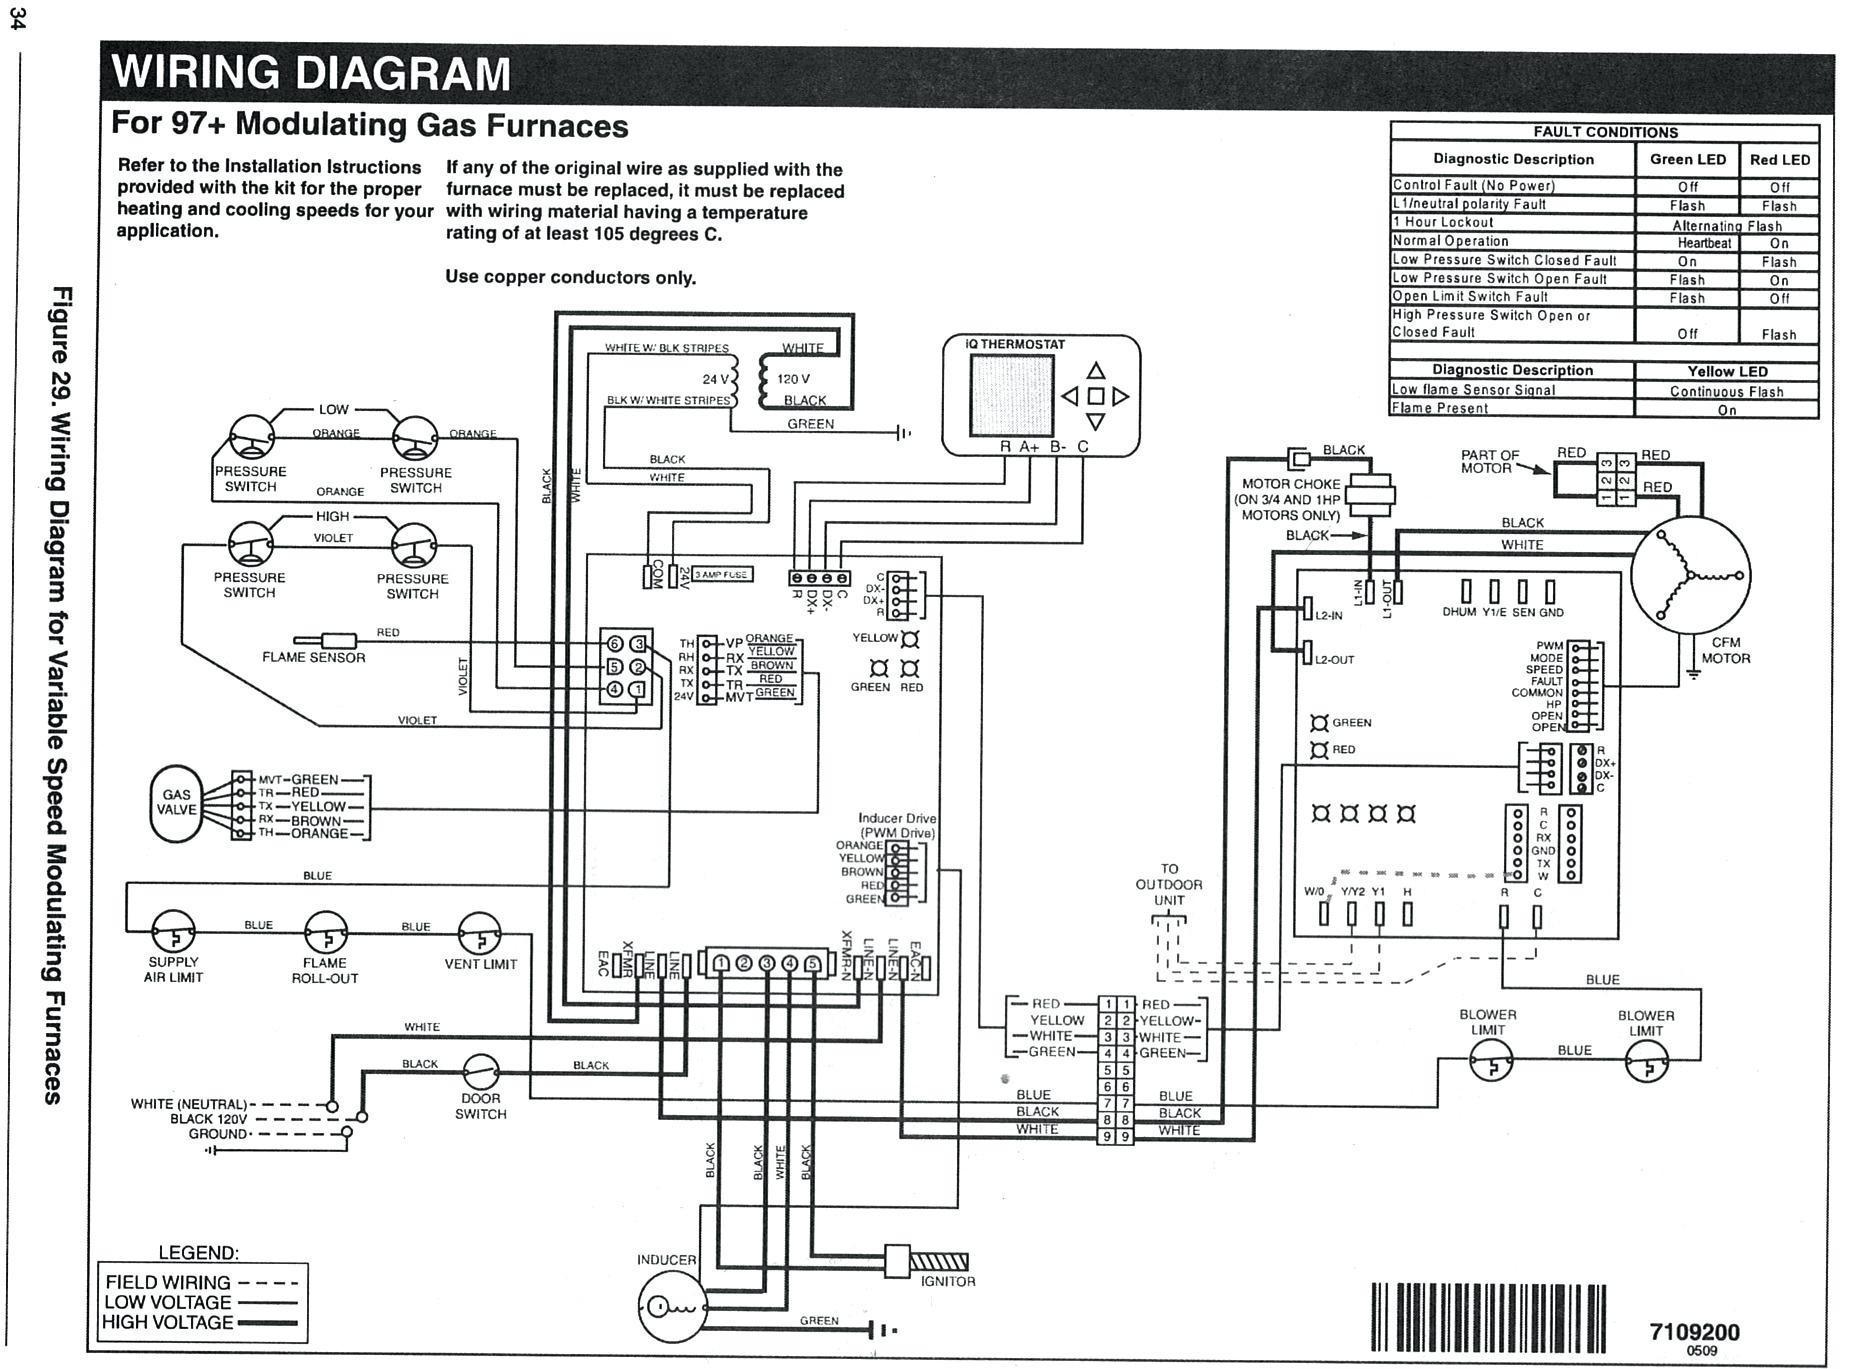 Elvox Inter Wiring Diagram Unique Newair G73 Wiring Diagram